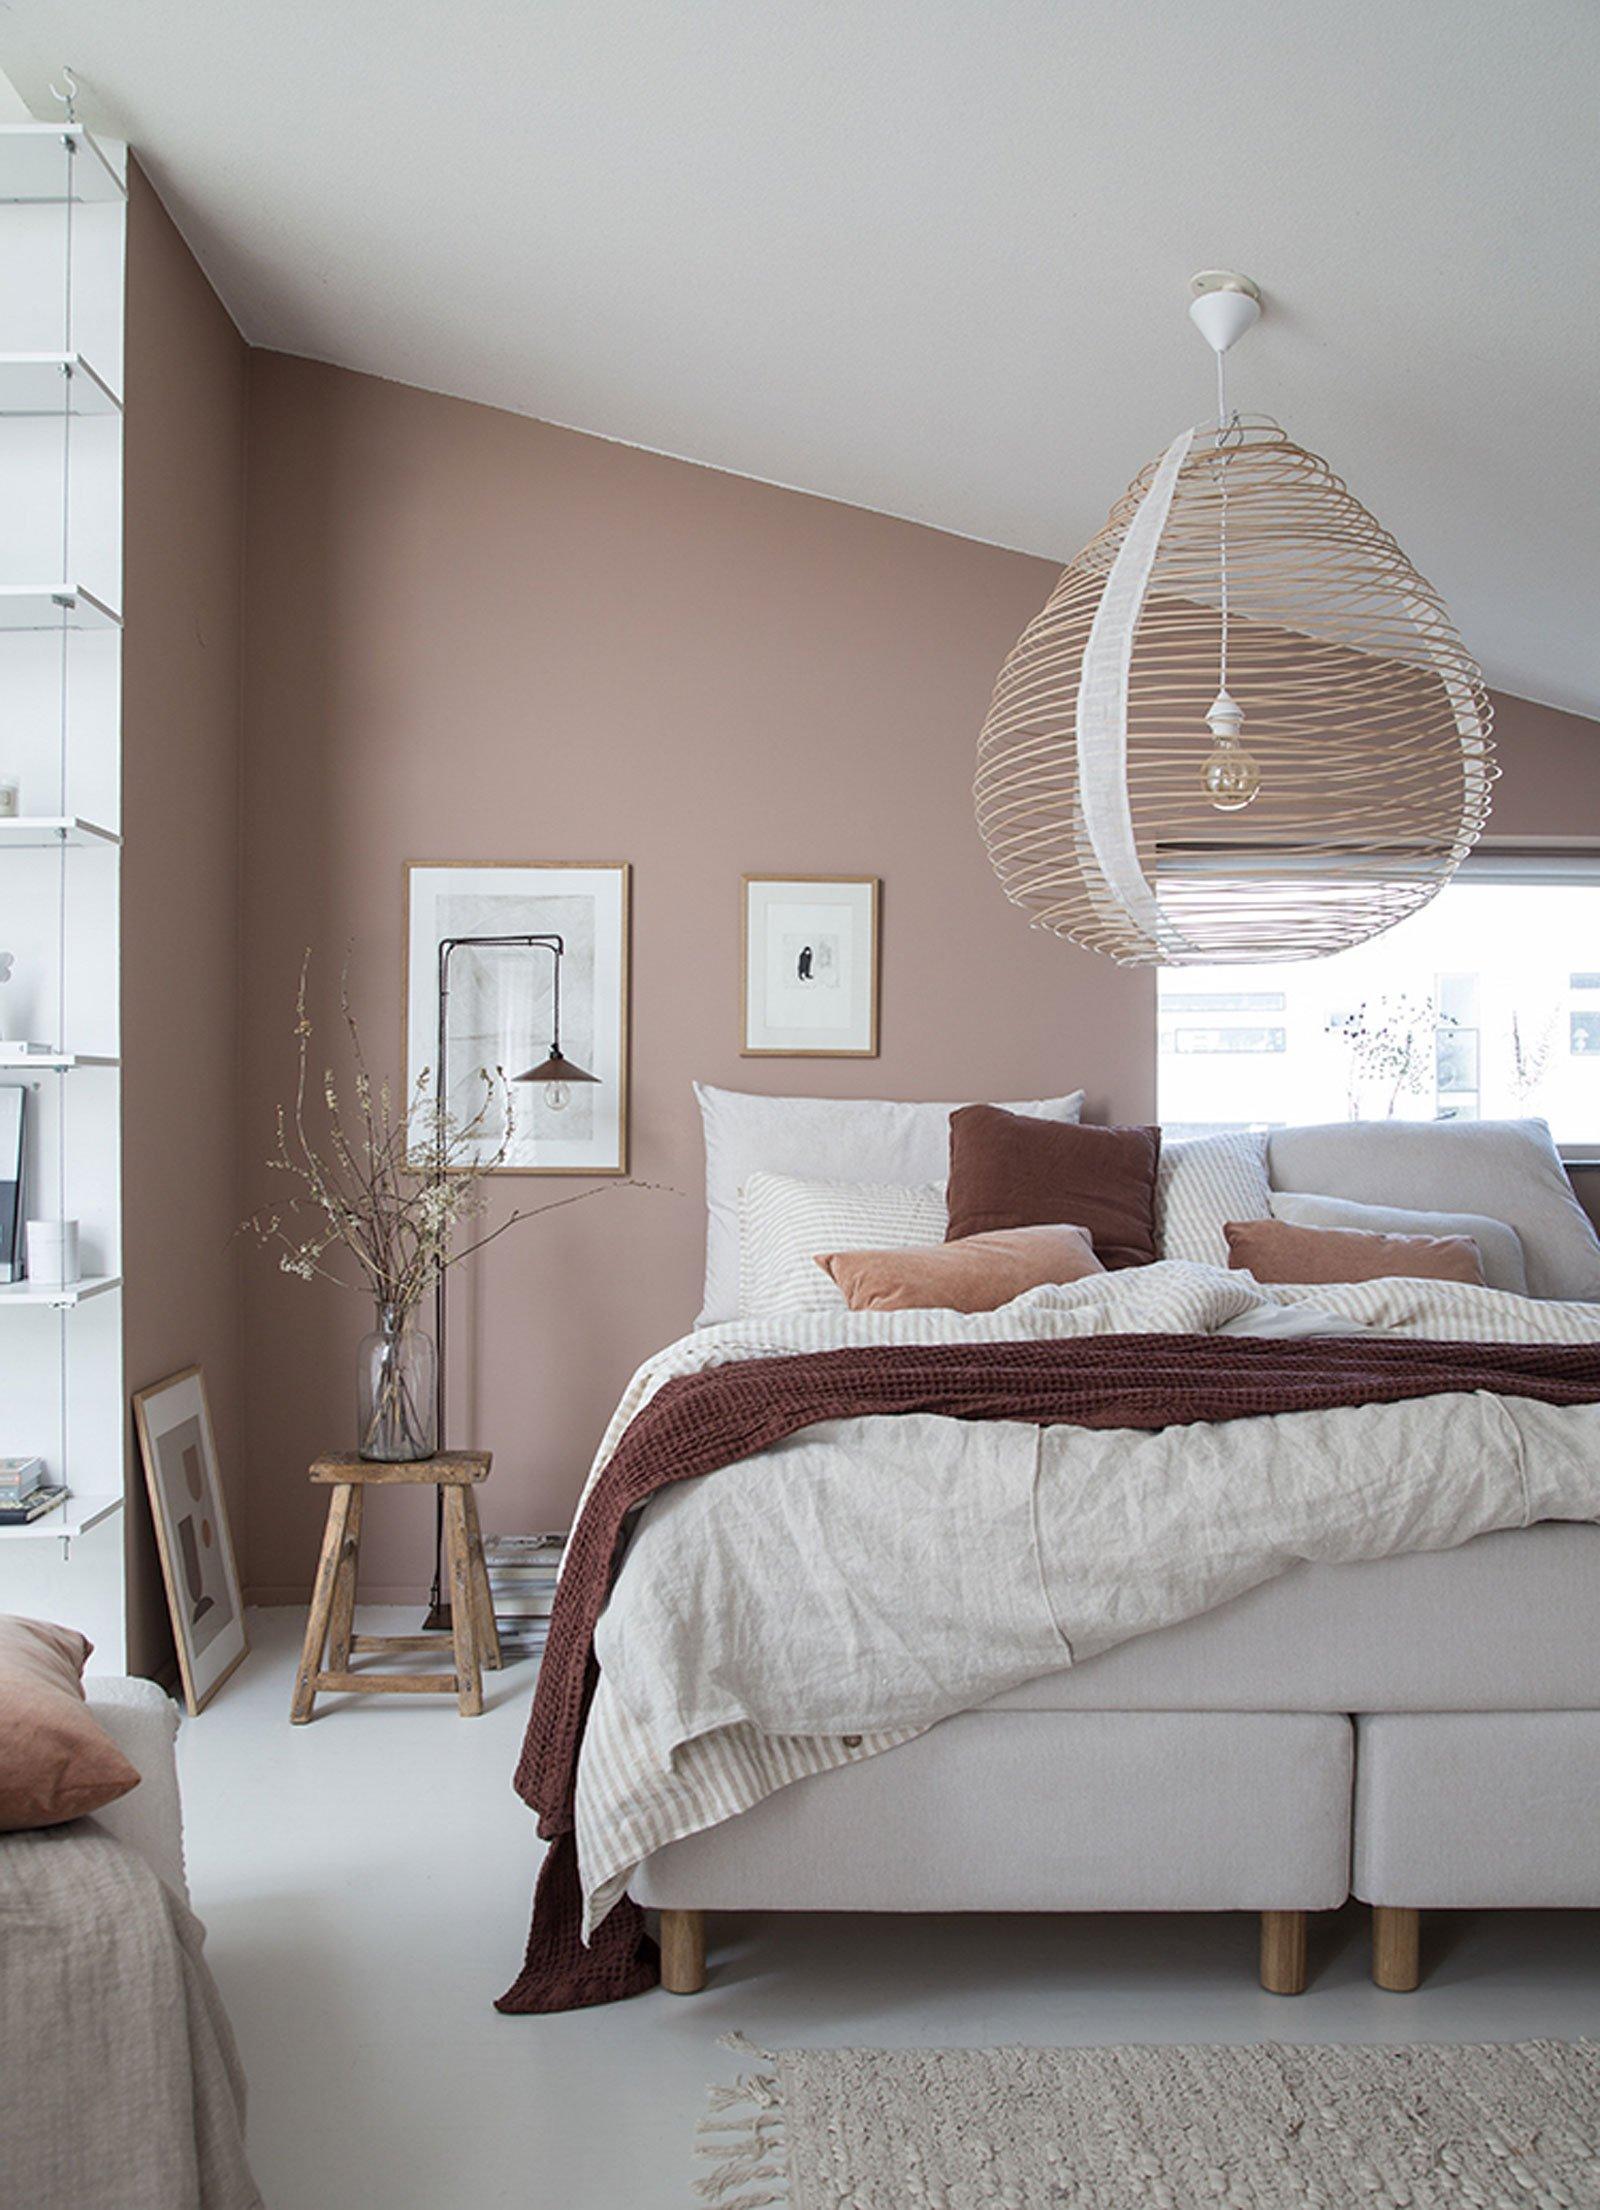 bedroom cozy pink soft